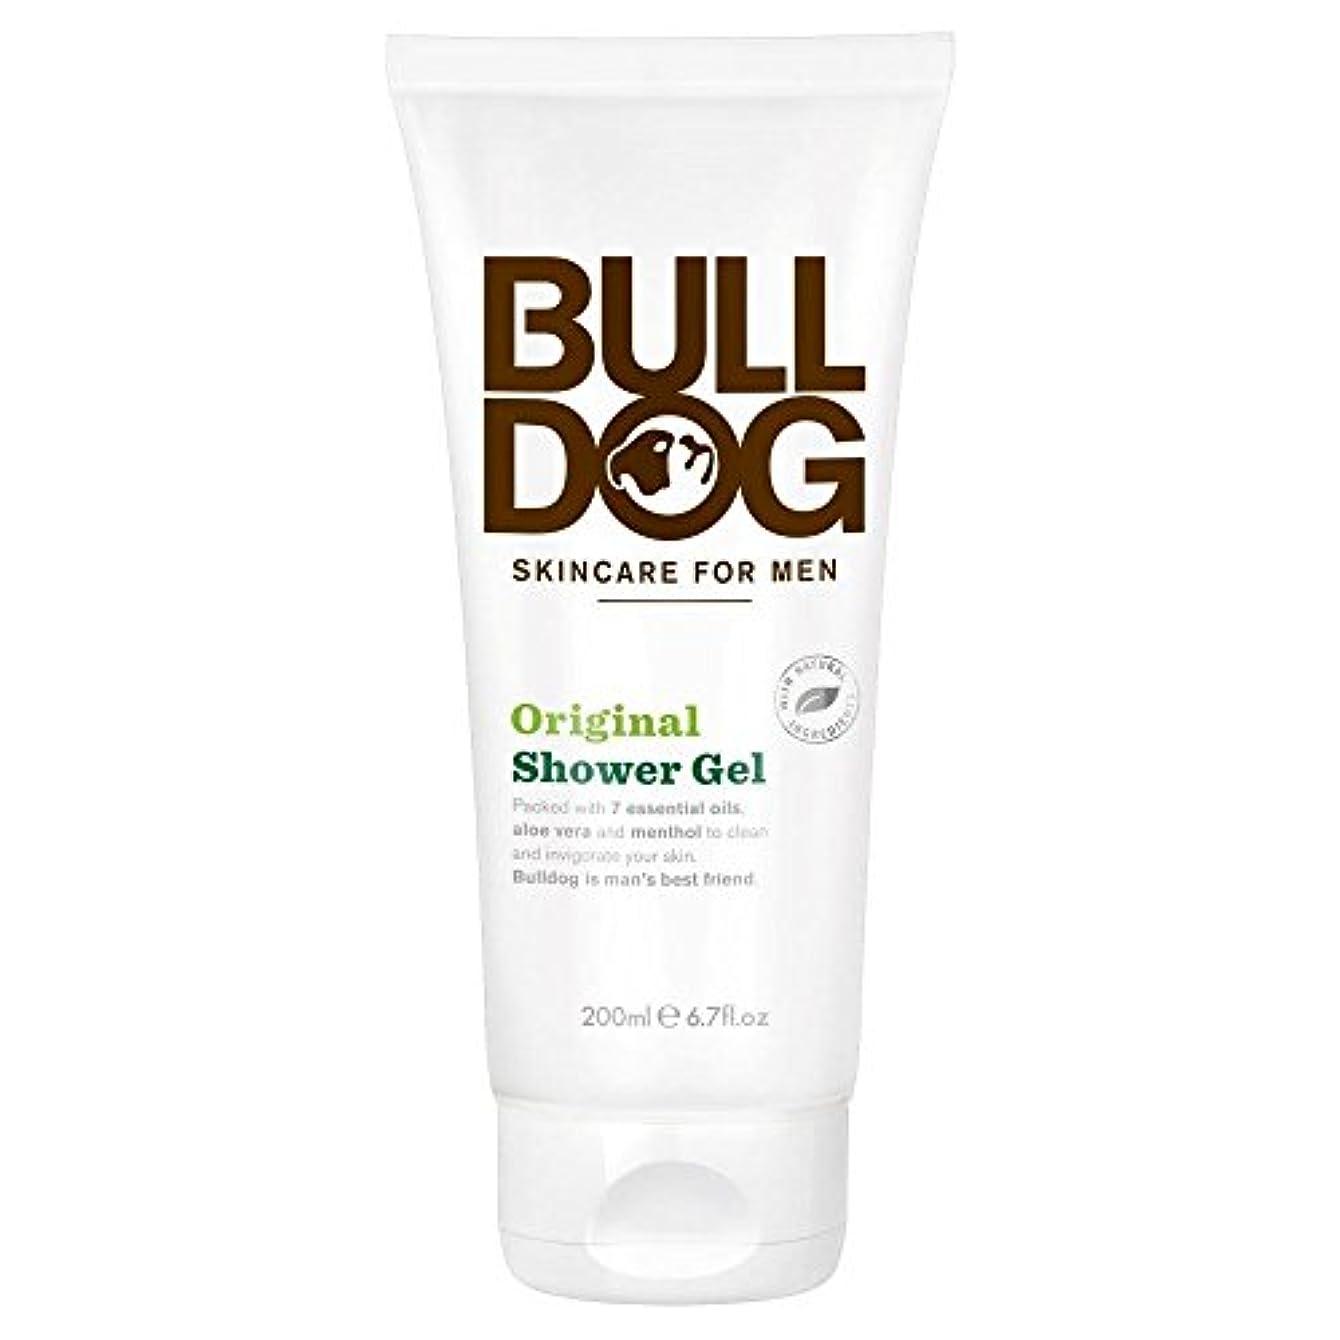 プレミア保守可能机Bulldog Shower Gel - Original (200ml) ブルドッグのシャワージェル - 元( 200ミリリットル)